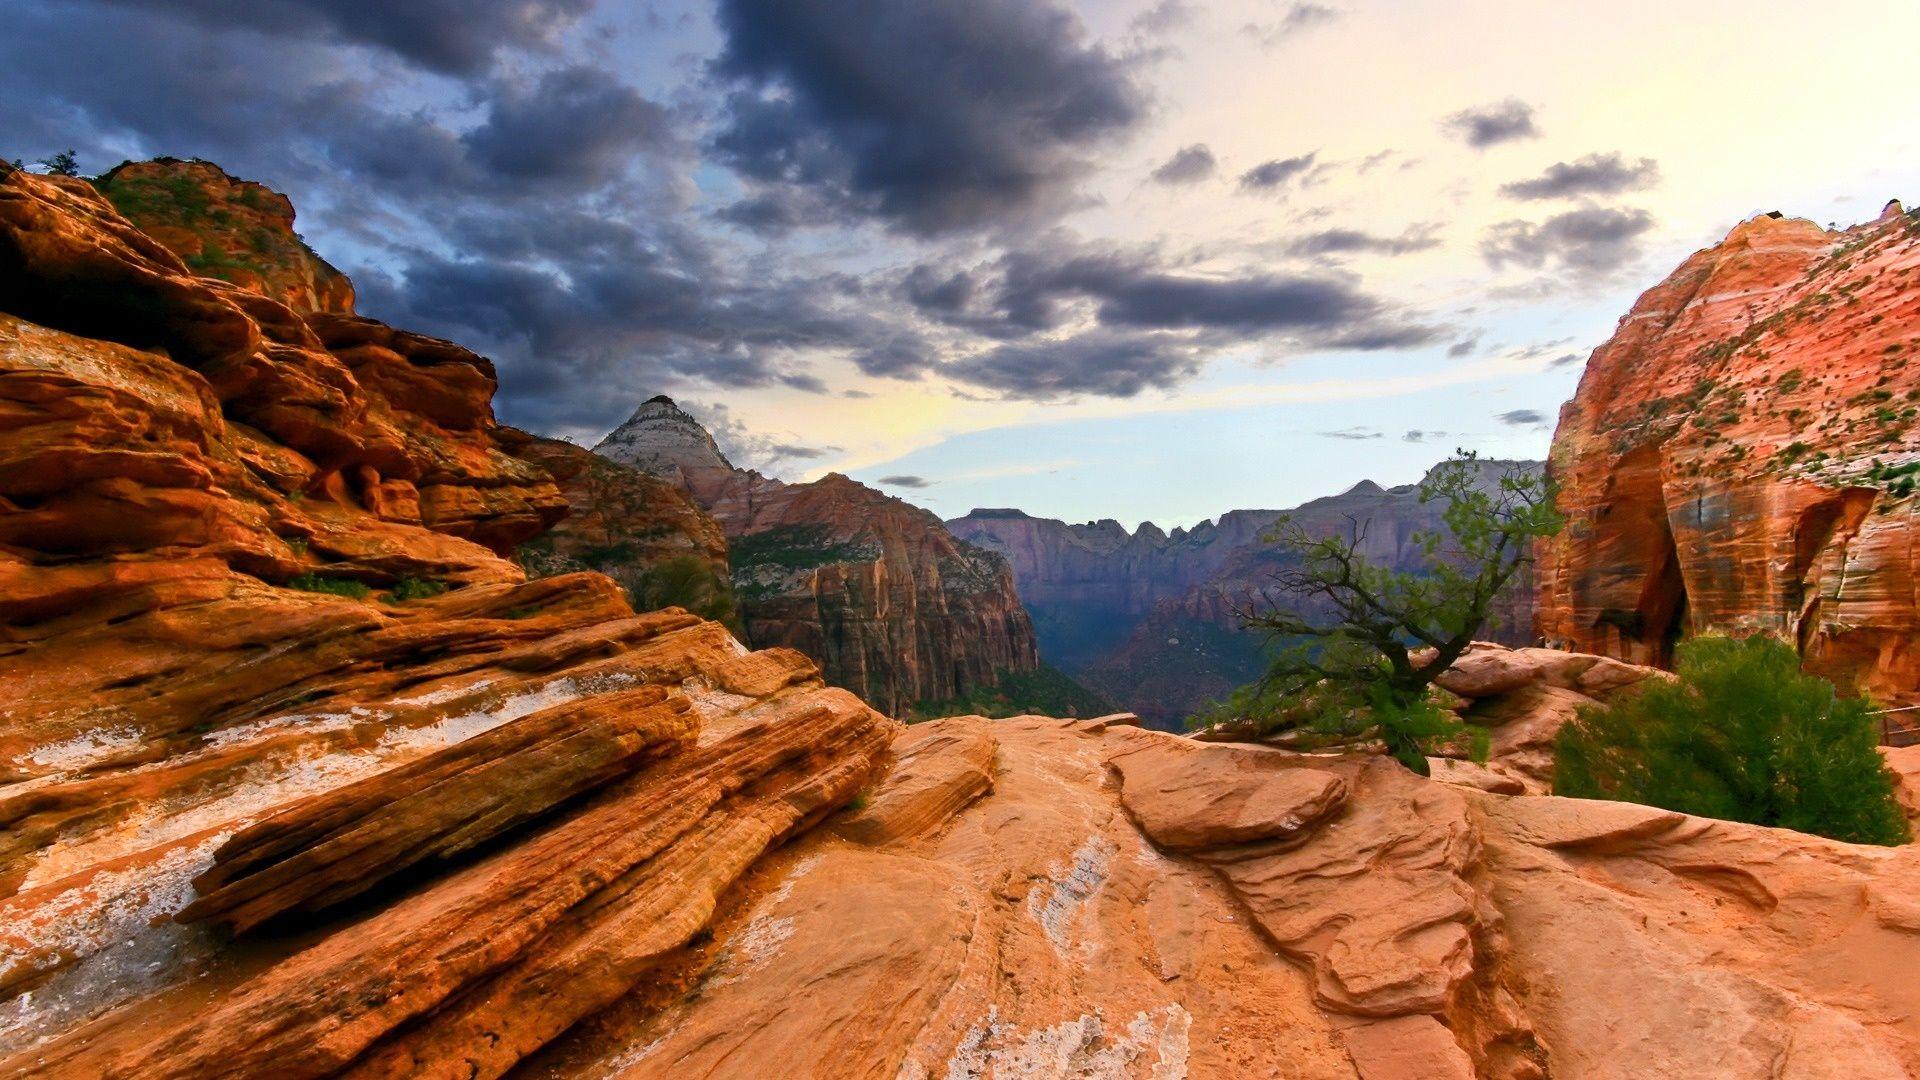 zions national park zion national park 1920x1080 752007